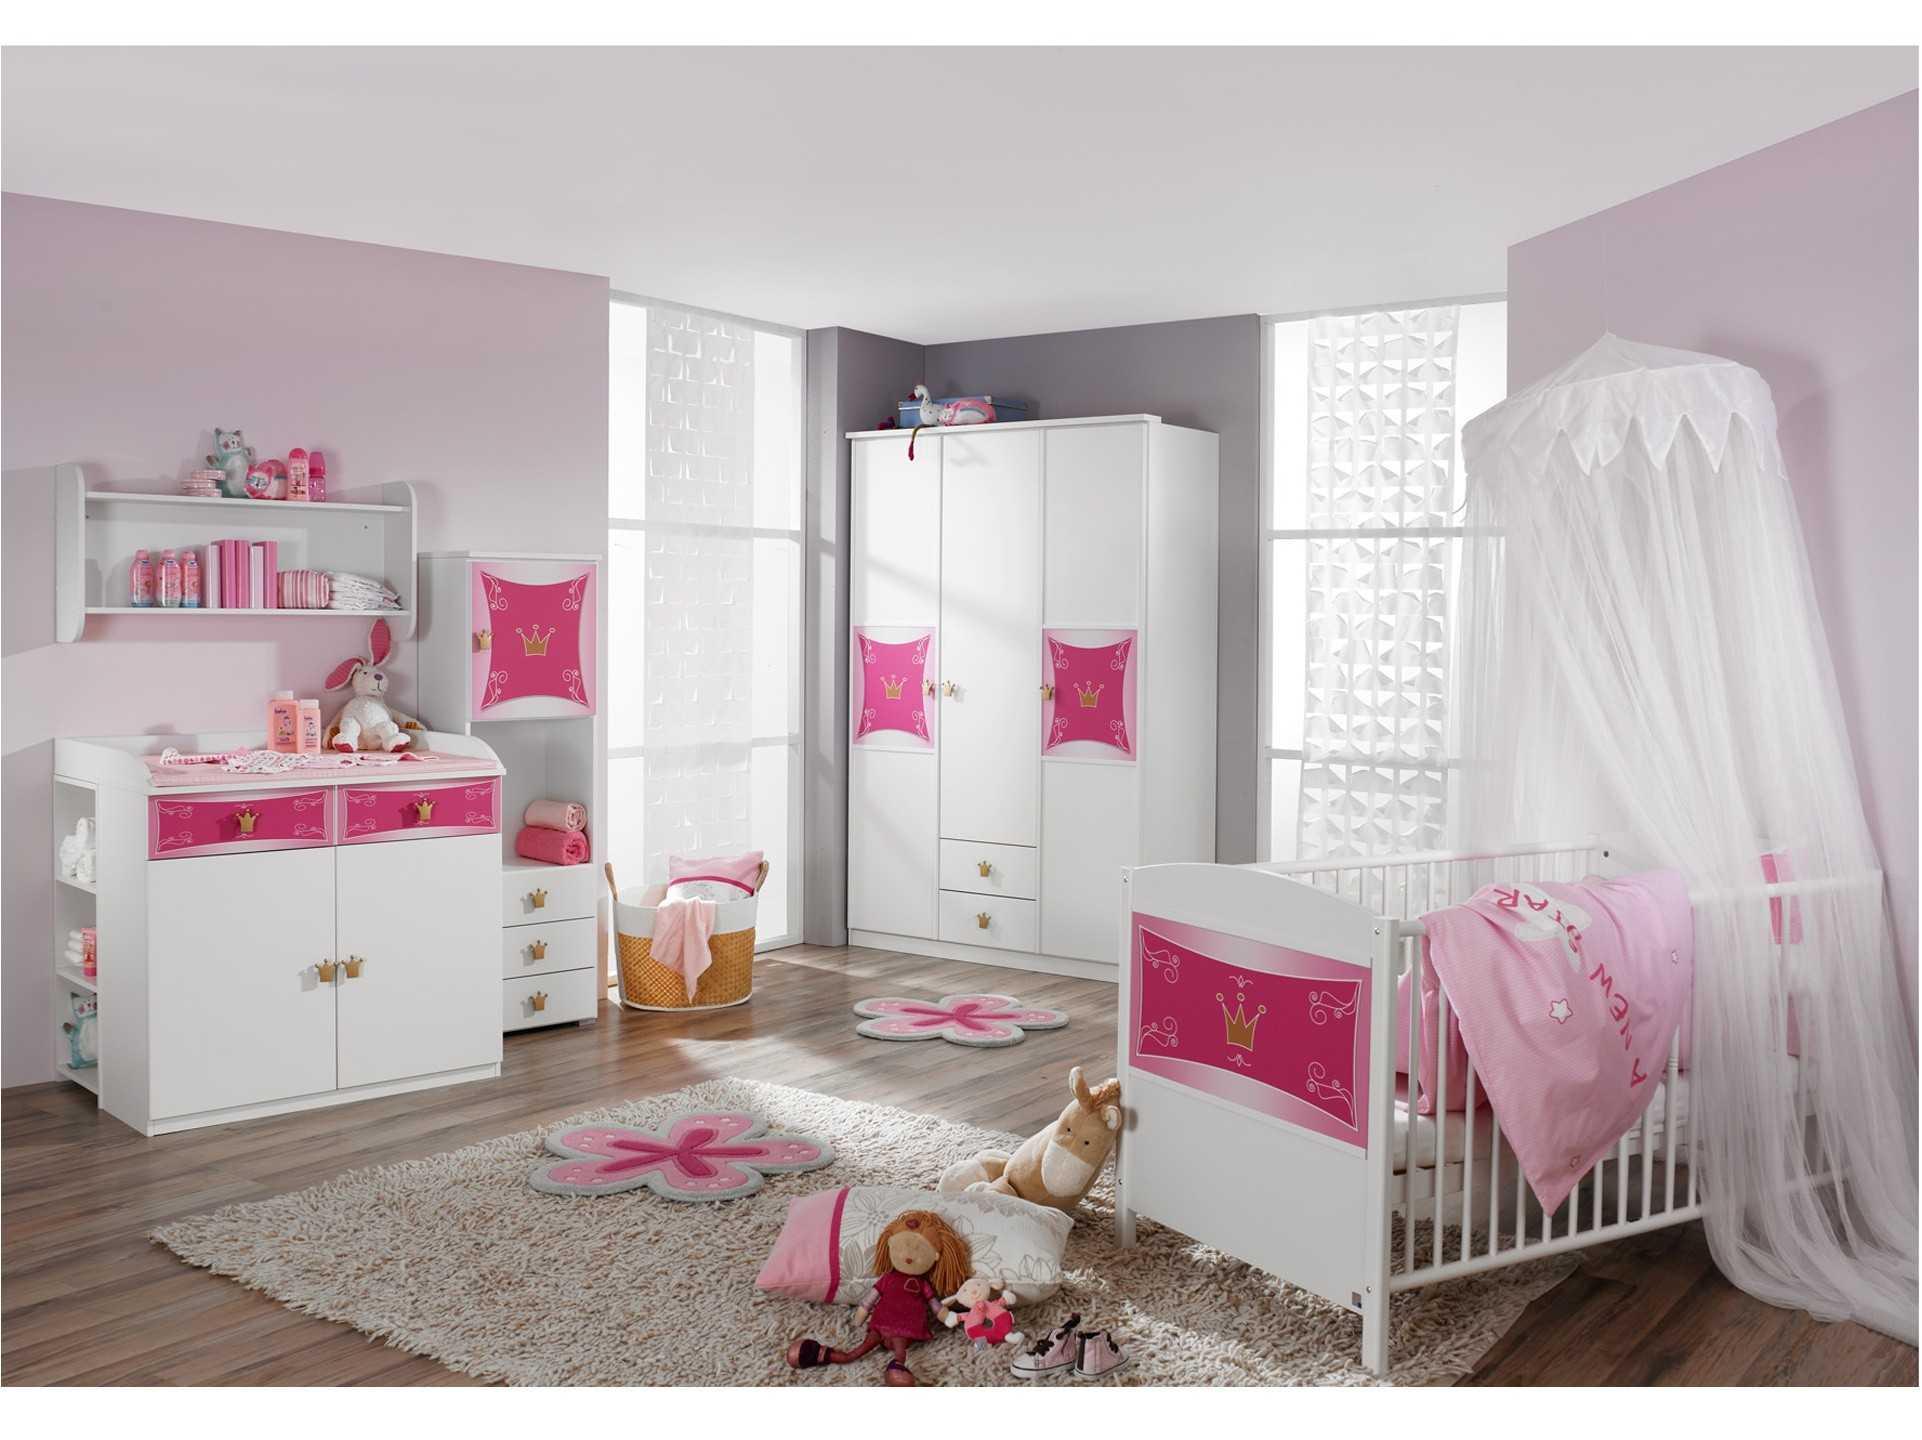 Chambre Complete Fille Ikea.Chambre Bebe Complete Pas Cher Ikea Idees De Tricot Gratuit